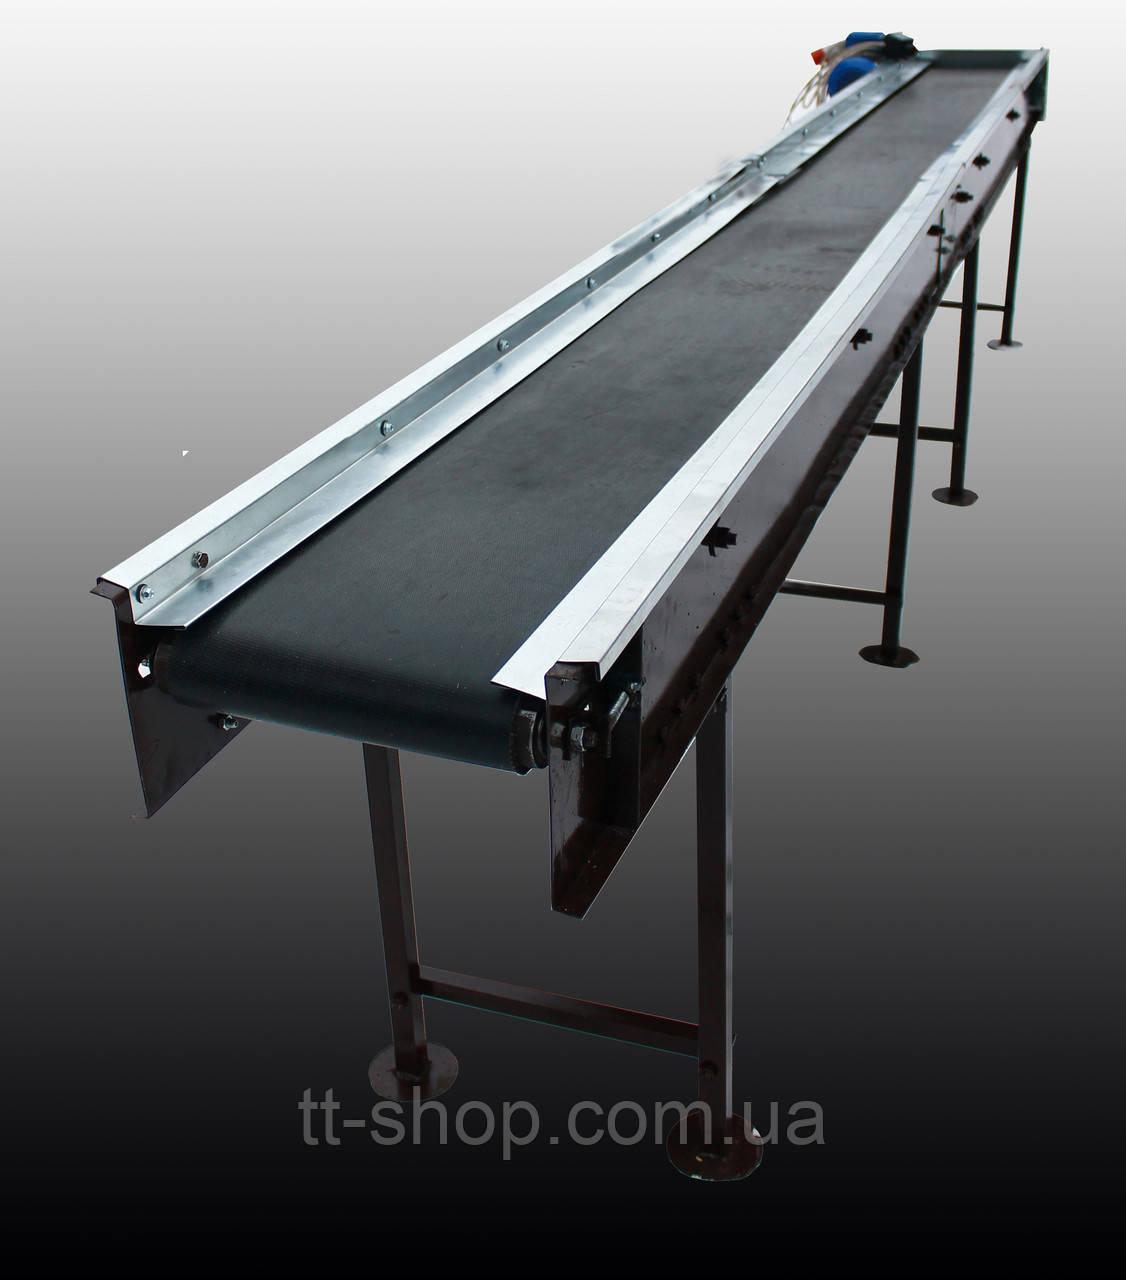 Материал ленты конвейера транспортеры агро